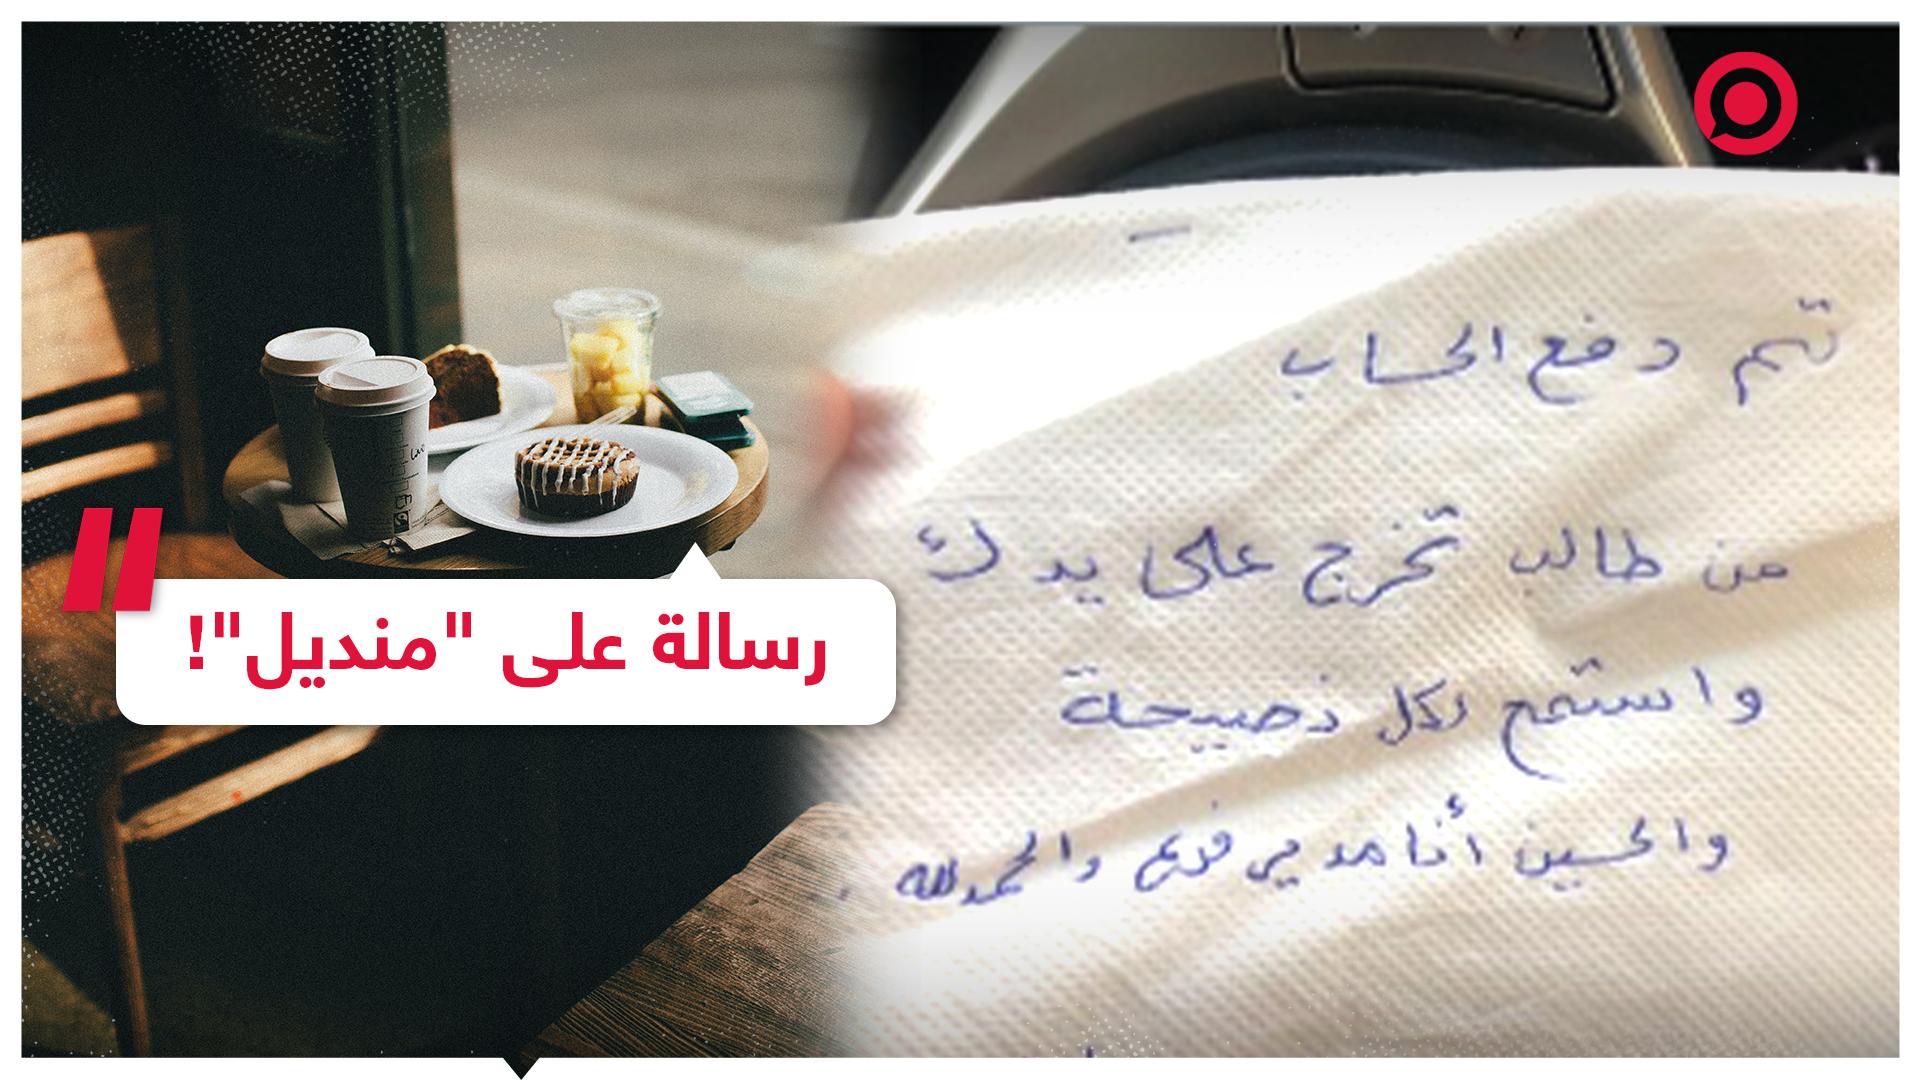 رسالة مؤثرة من طالب لمعلمه تثير تفاعلا في السعودية